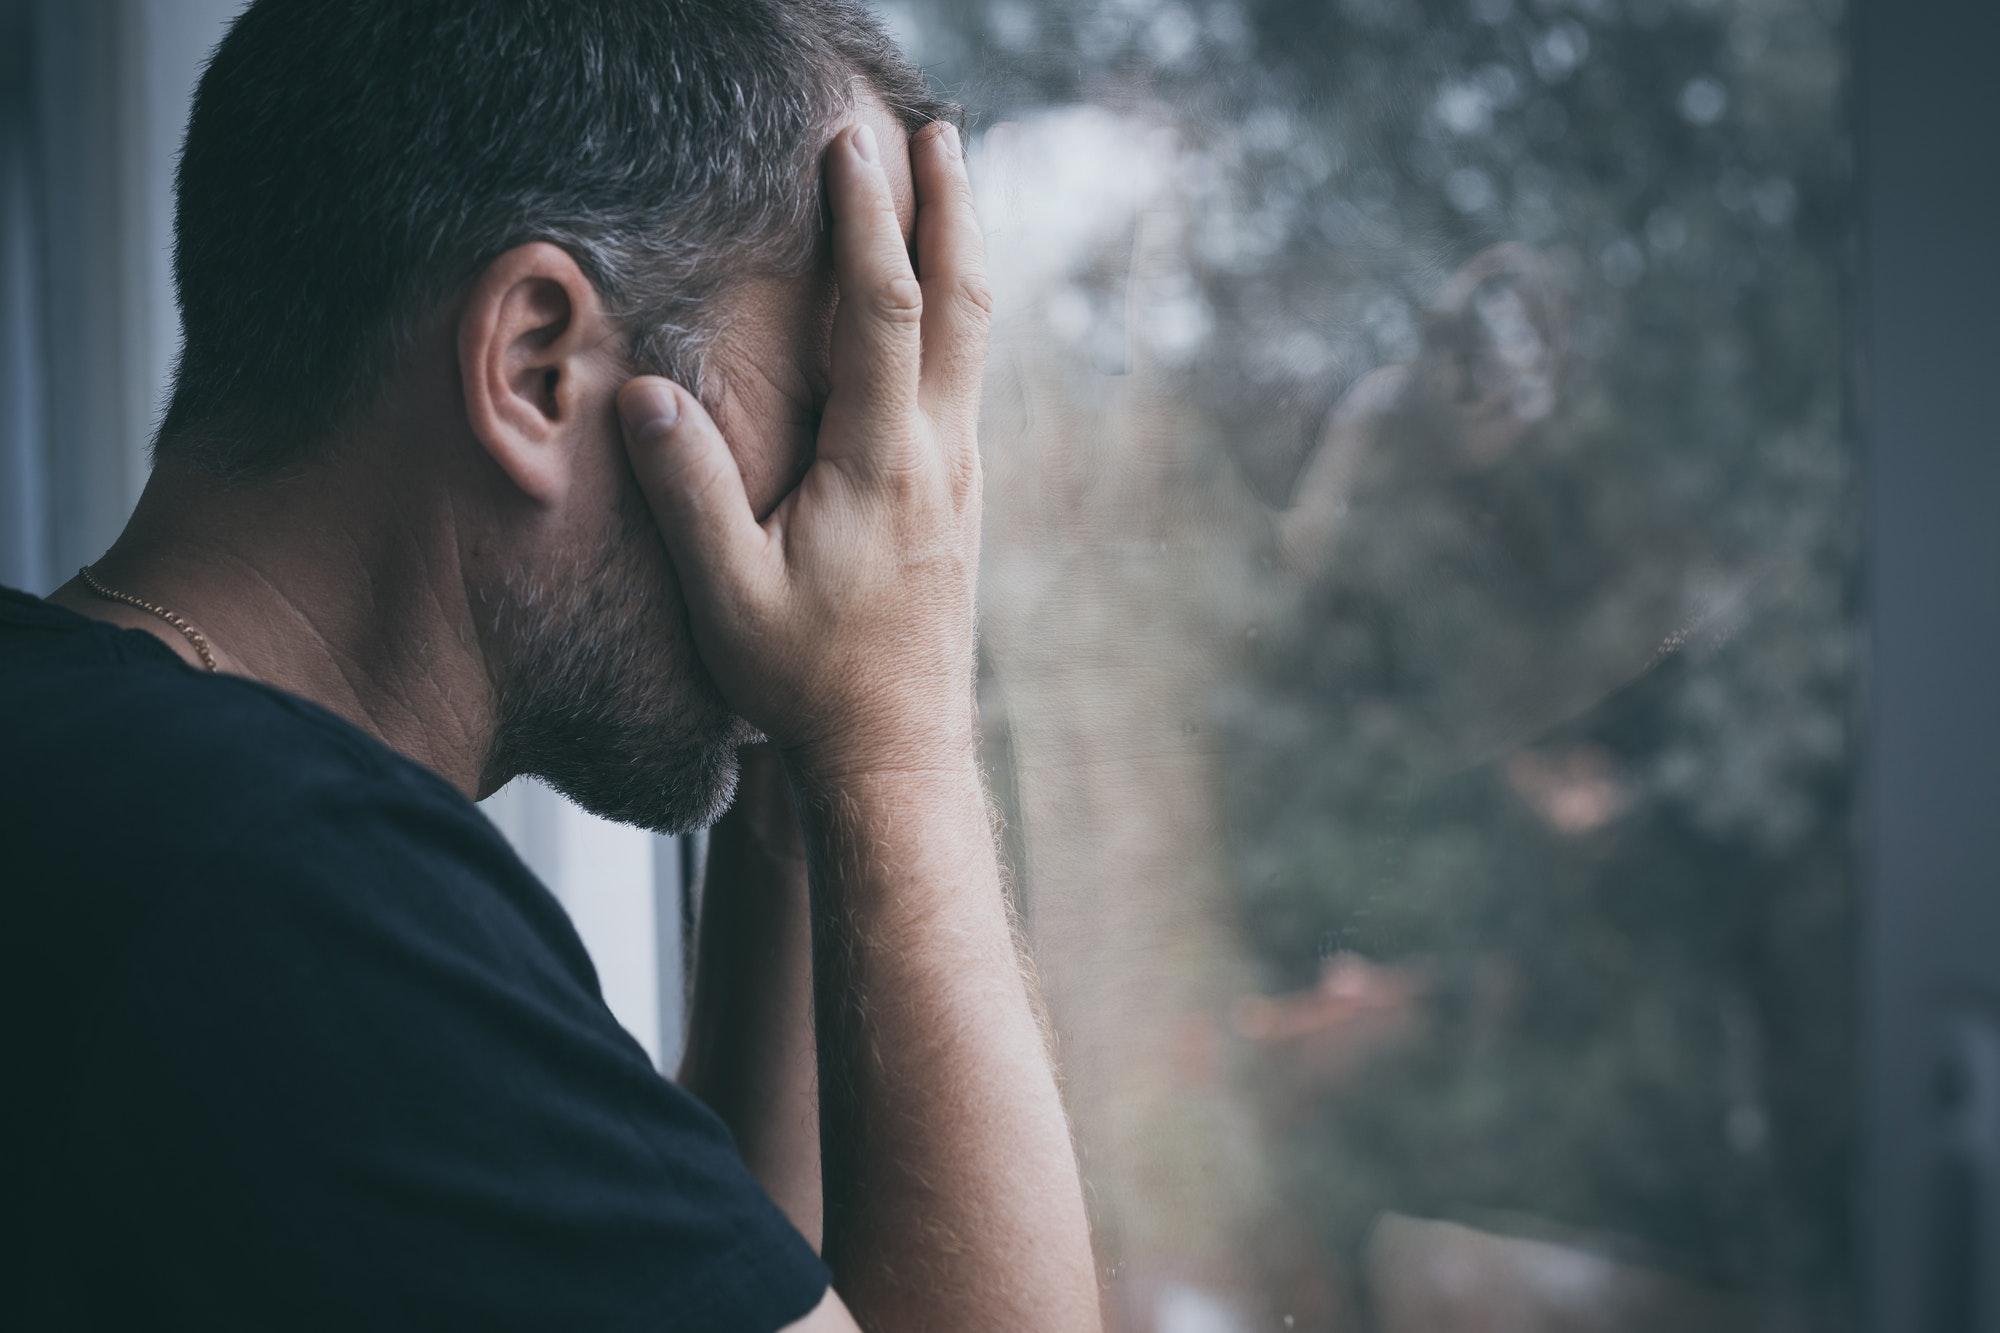 Homme devant sa fenêtre triste parce que son ex lui manque